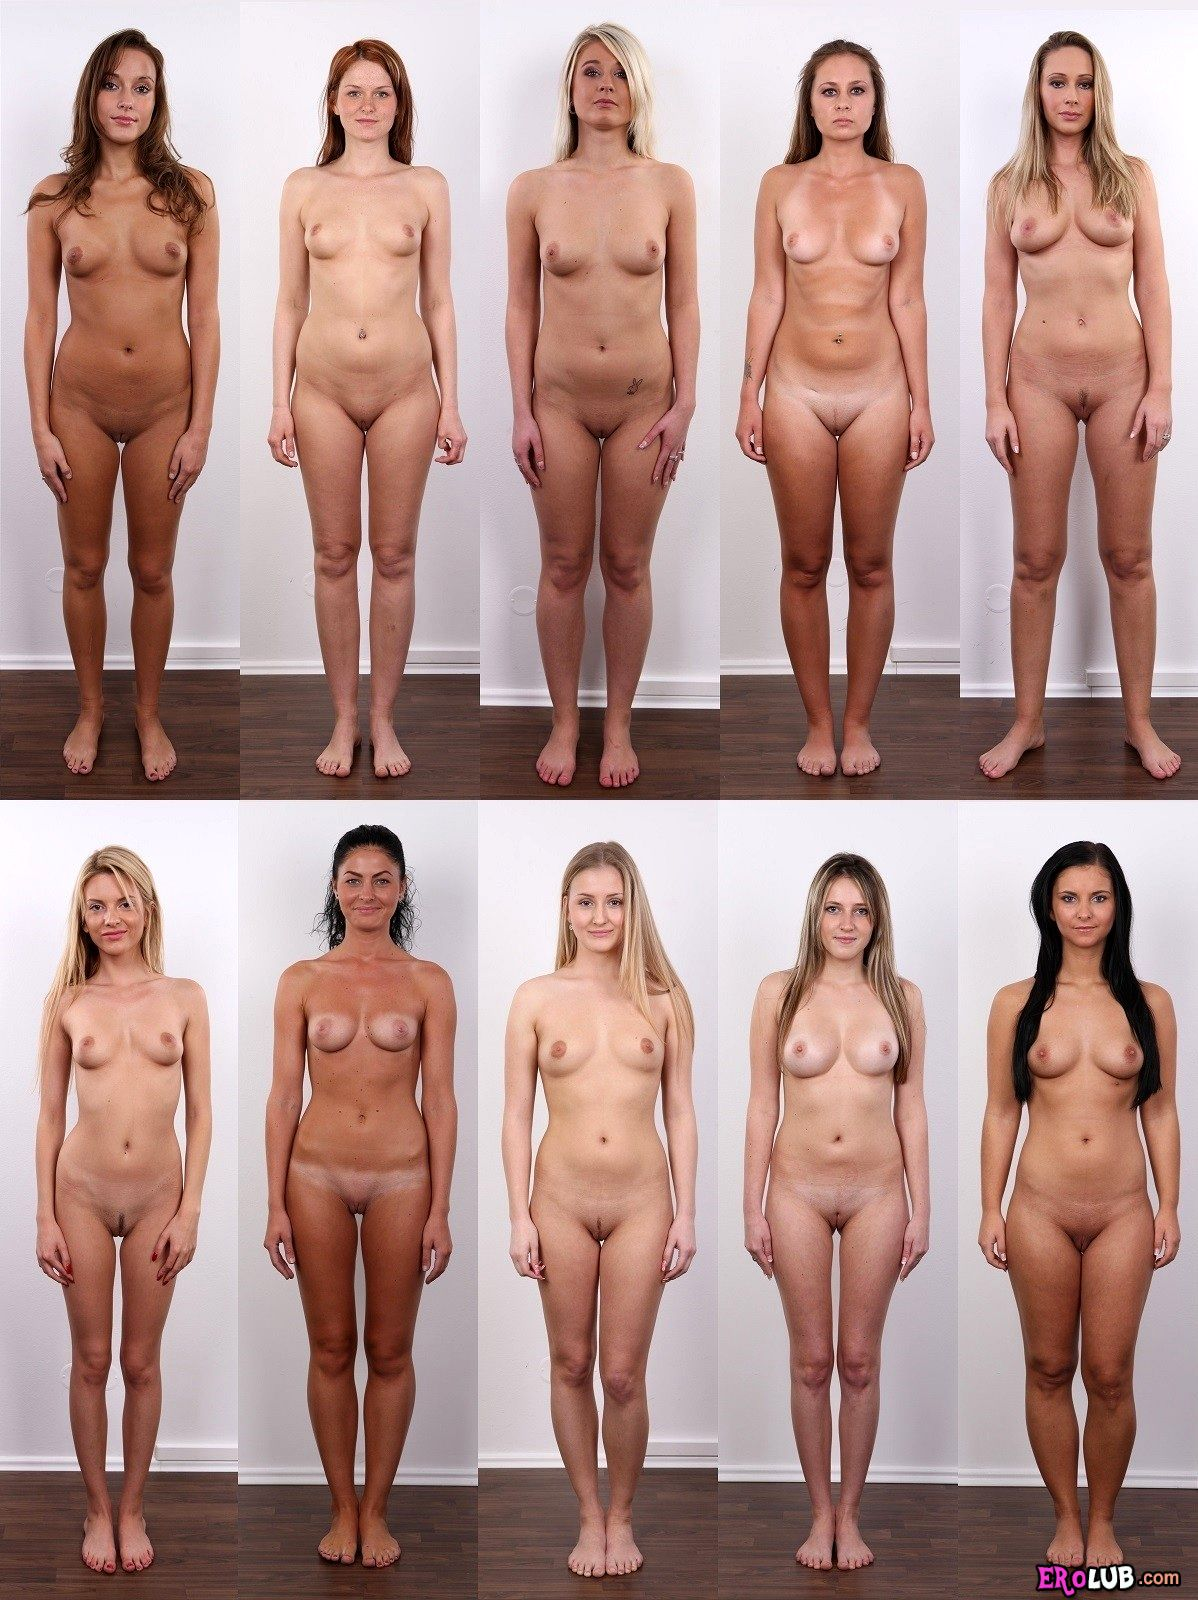 Кастинг порно фото Голые девушки на порно кастинге